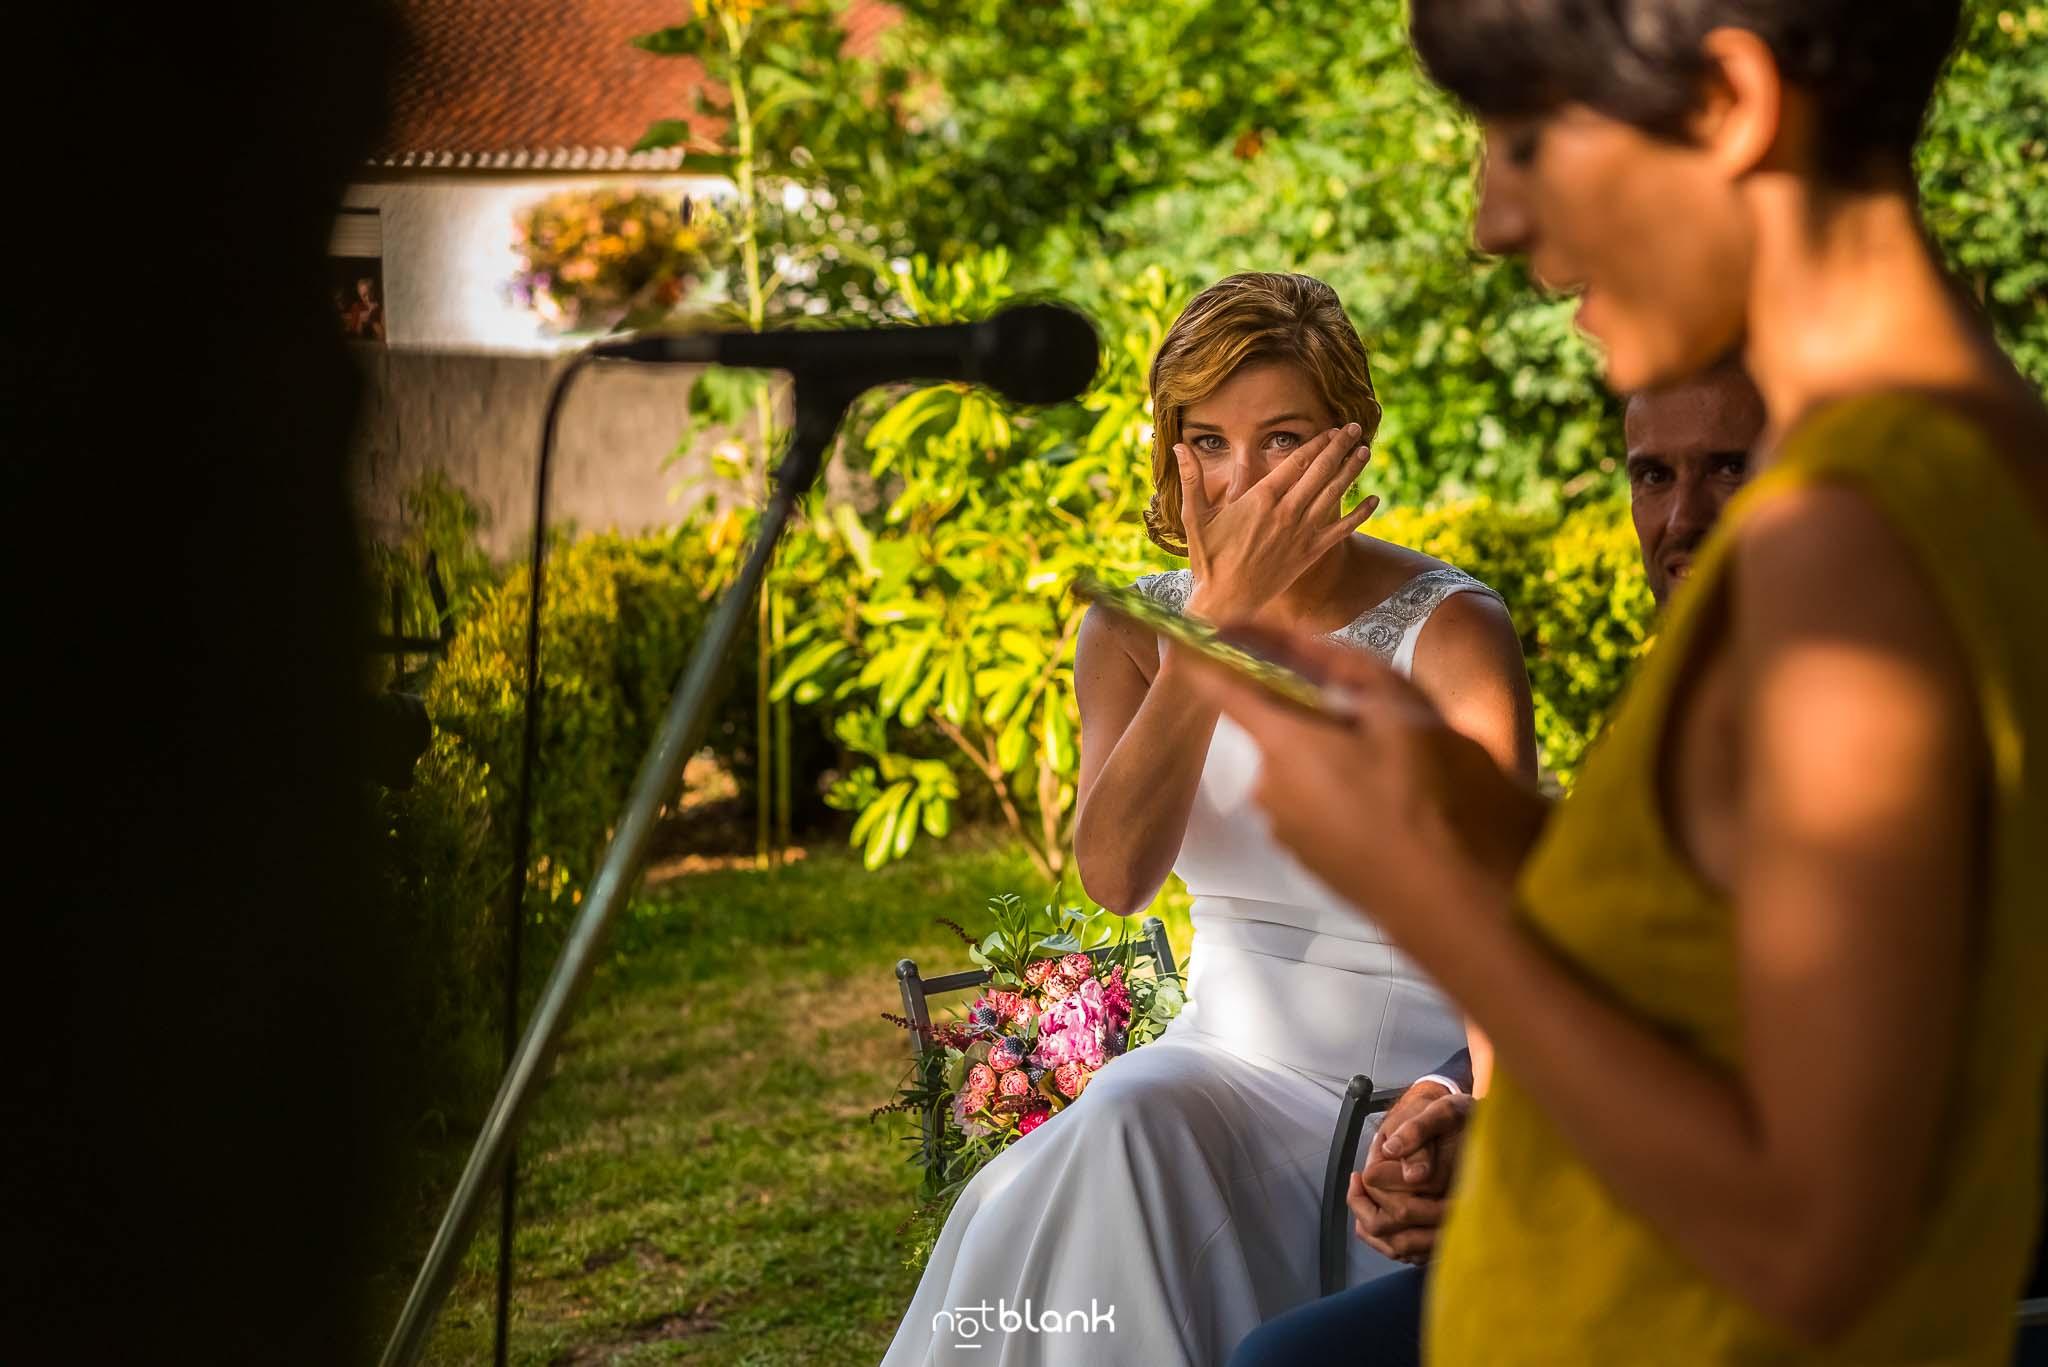 Boda En El Jardin De Casa Jana y Fran - La novia se seca las lagrimas mientras mira una amiga pronuncia un speech - Notblank Fotografos de boda